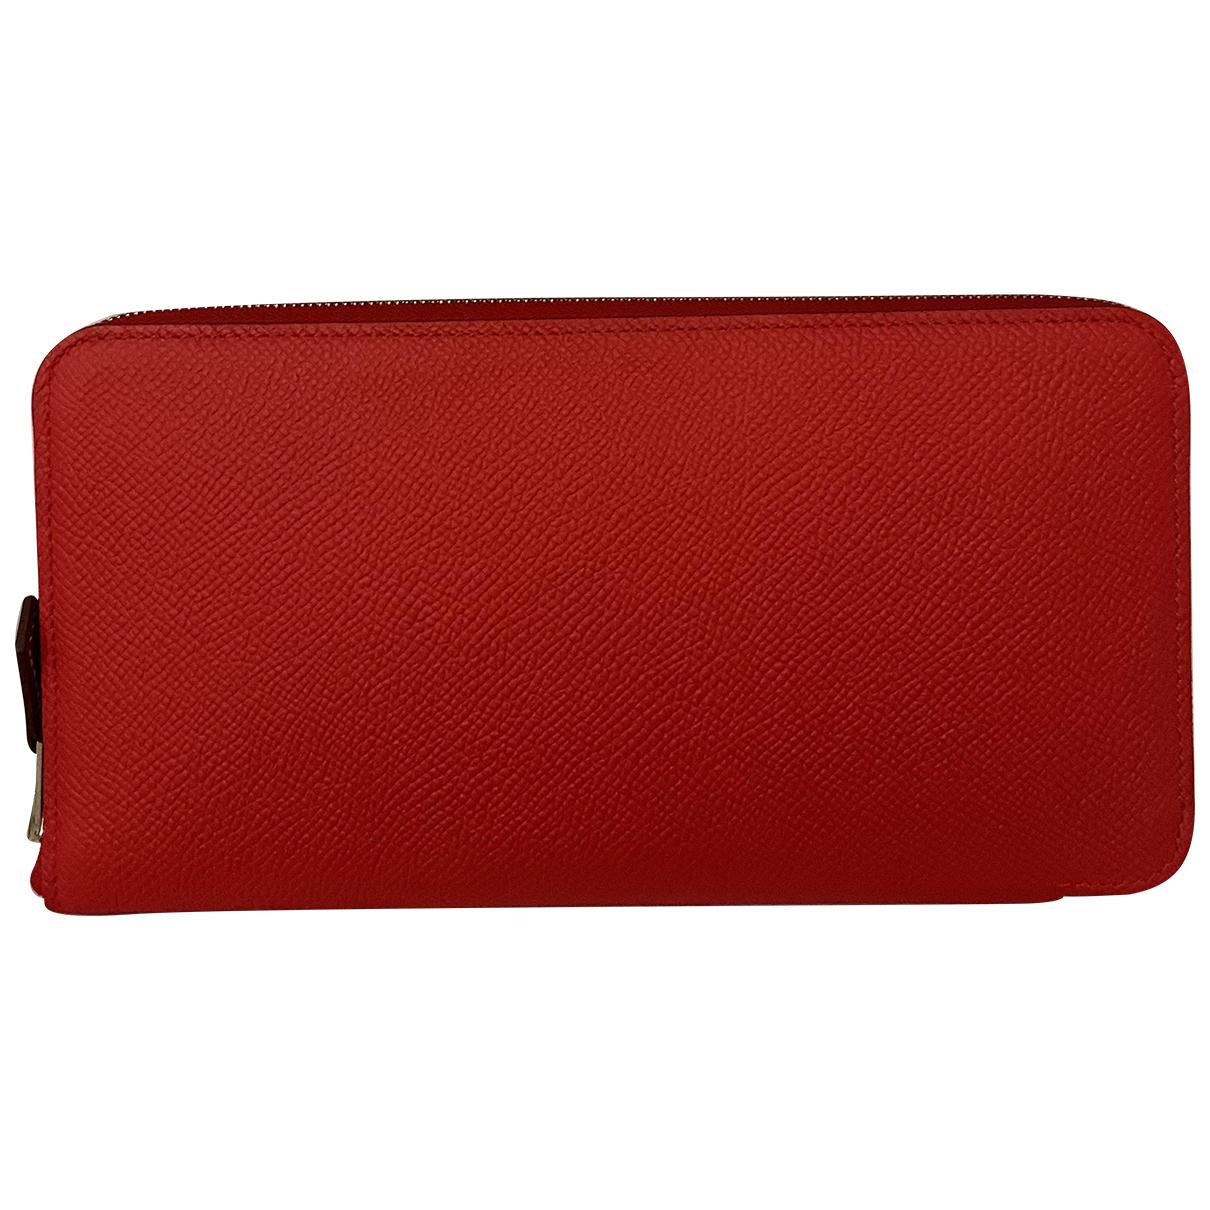 Hermes - Portefeuille Silkin pour femme en cuir - rouge